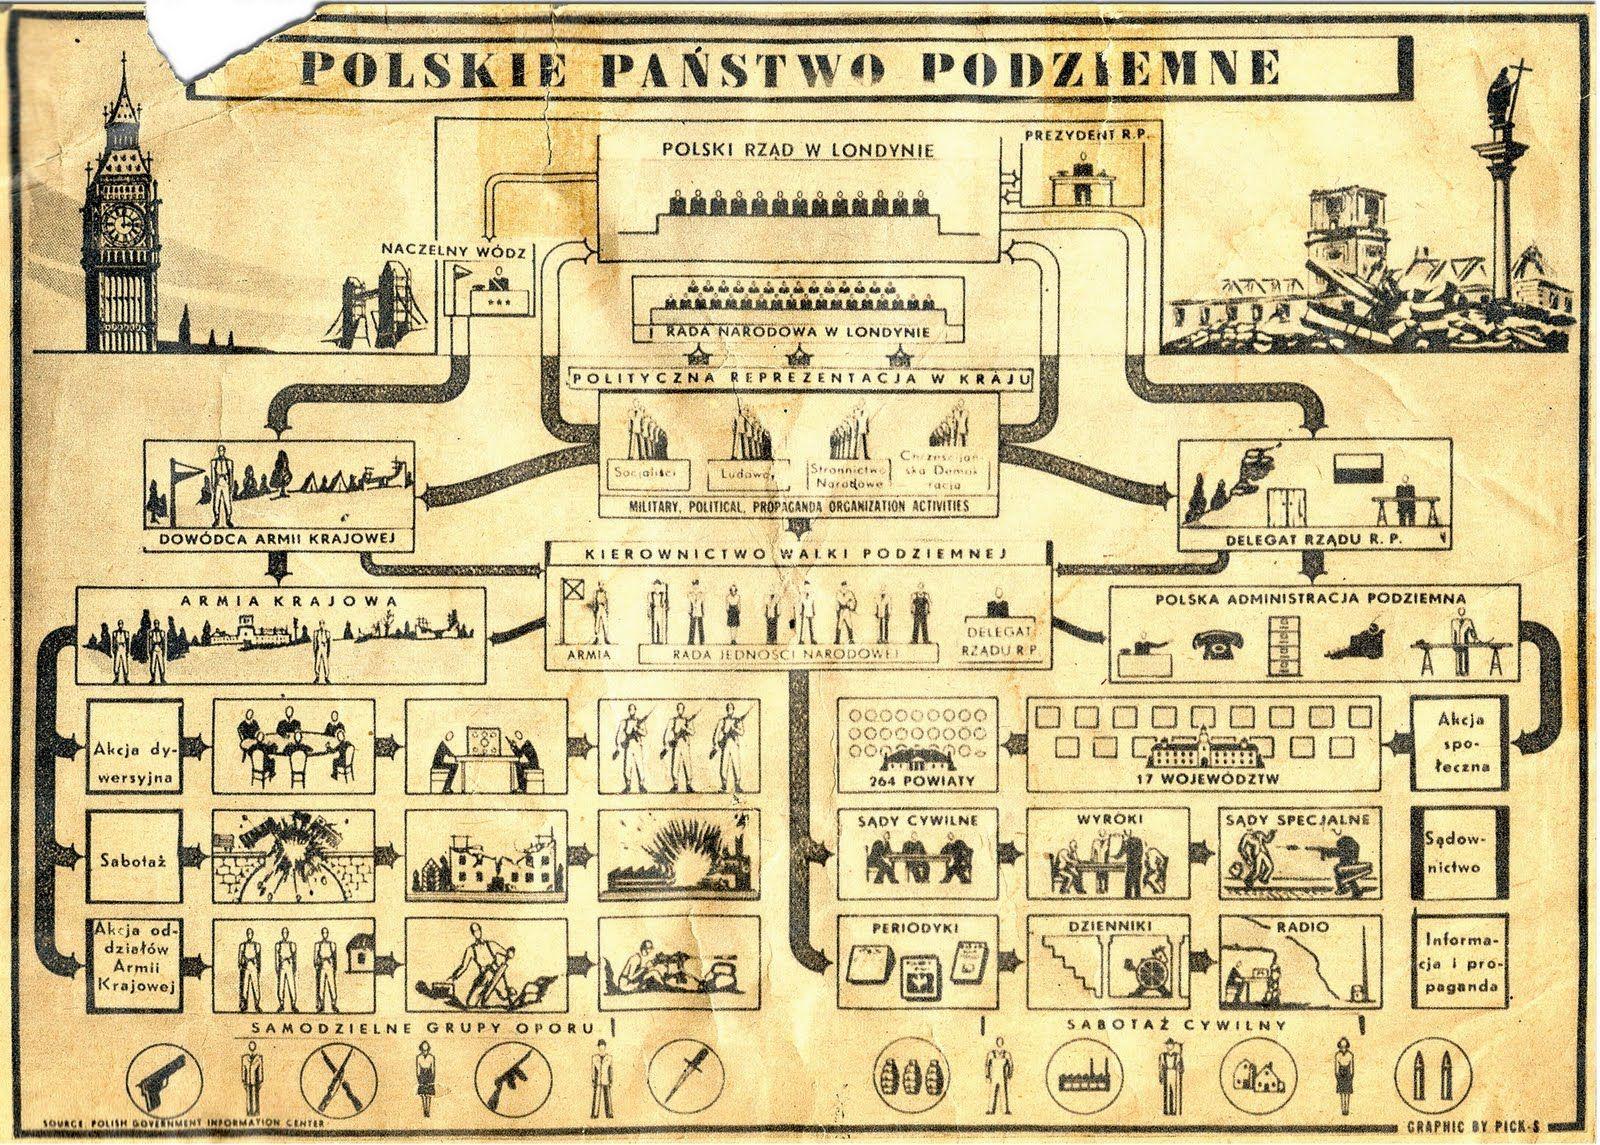 Struktura Polskiego Państwa Podziemnego. Kliknij aby powiększyć (źródło: domena publiczna).